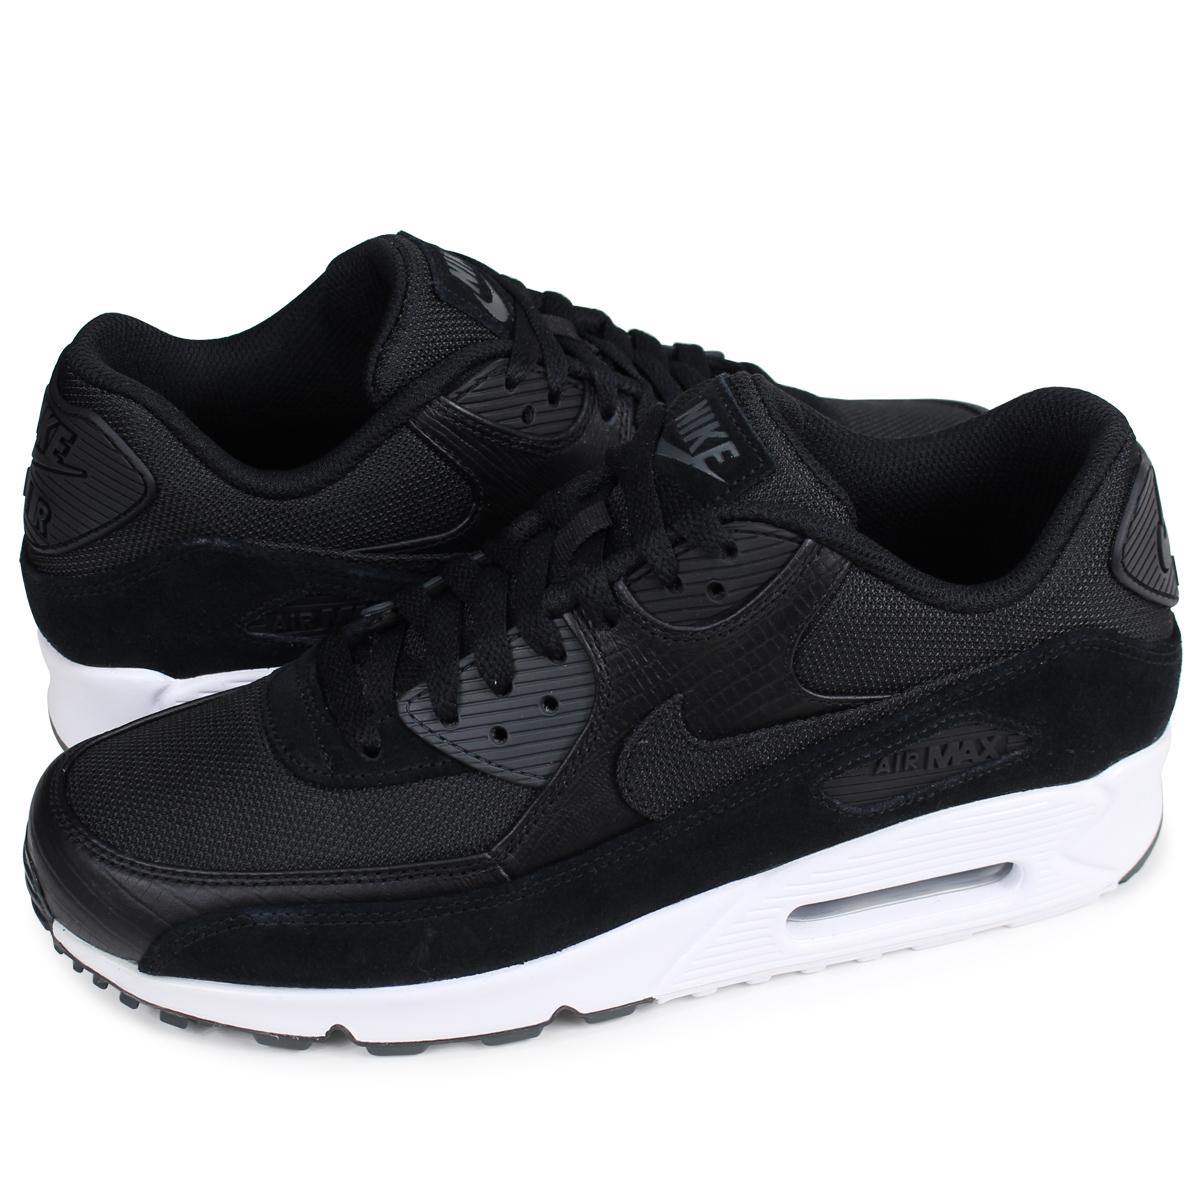 NIKE AIR MAX 90 PREMIUM Kie Ney AMAX 90 sneakers men 700,155 014 black